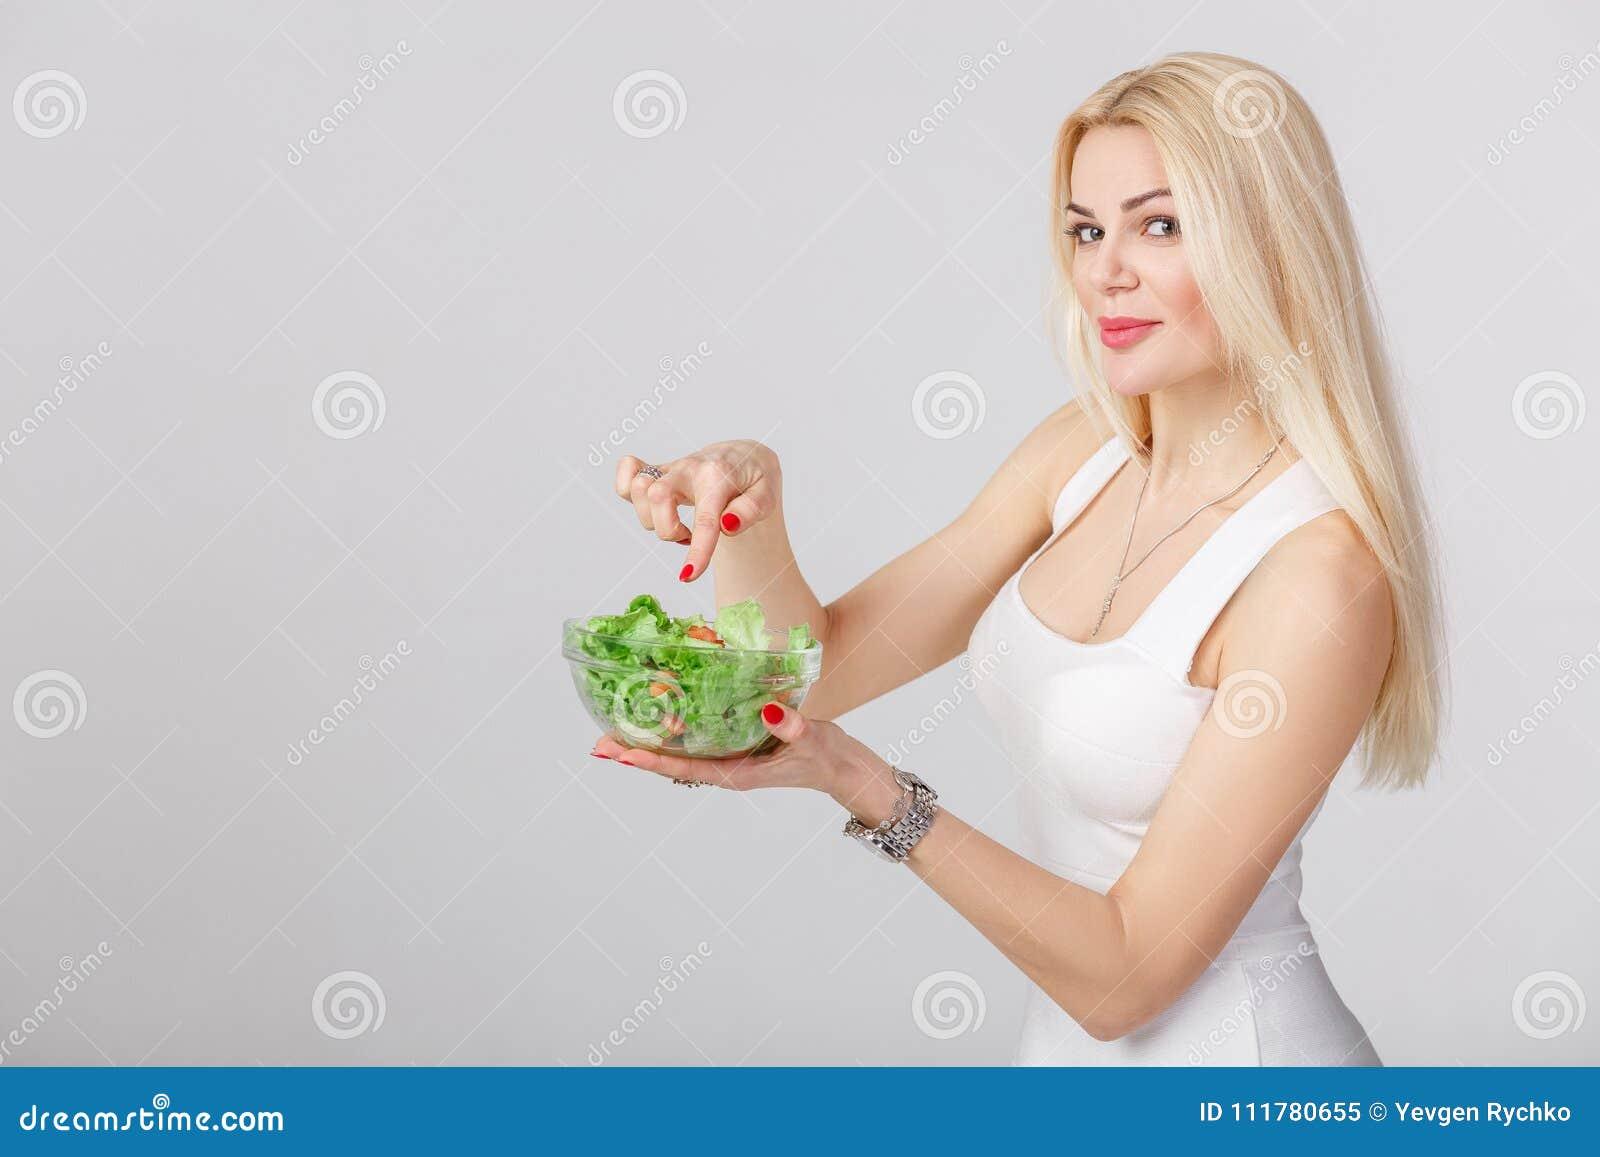 Женщина в белом платье с свежим салатом